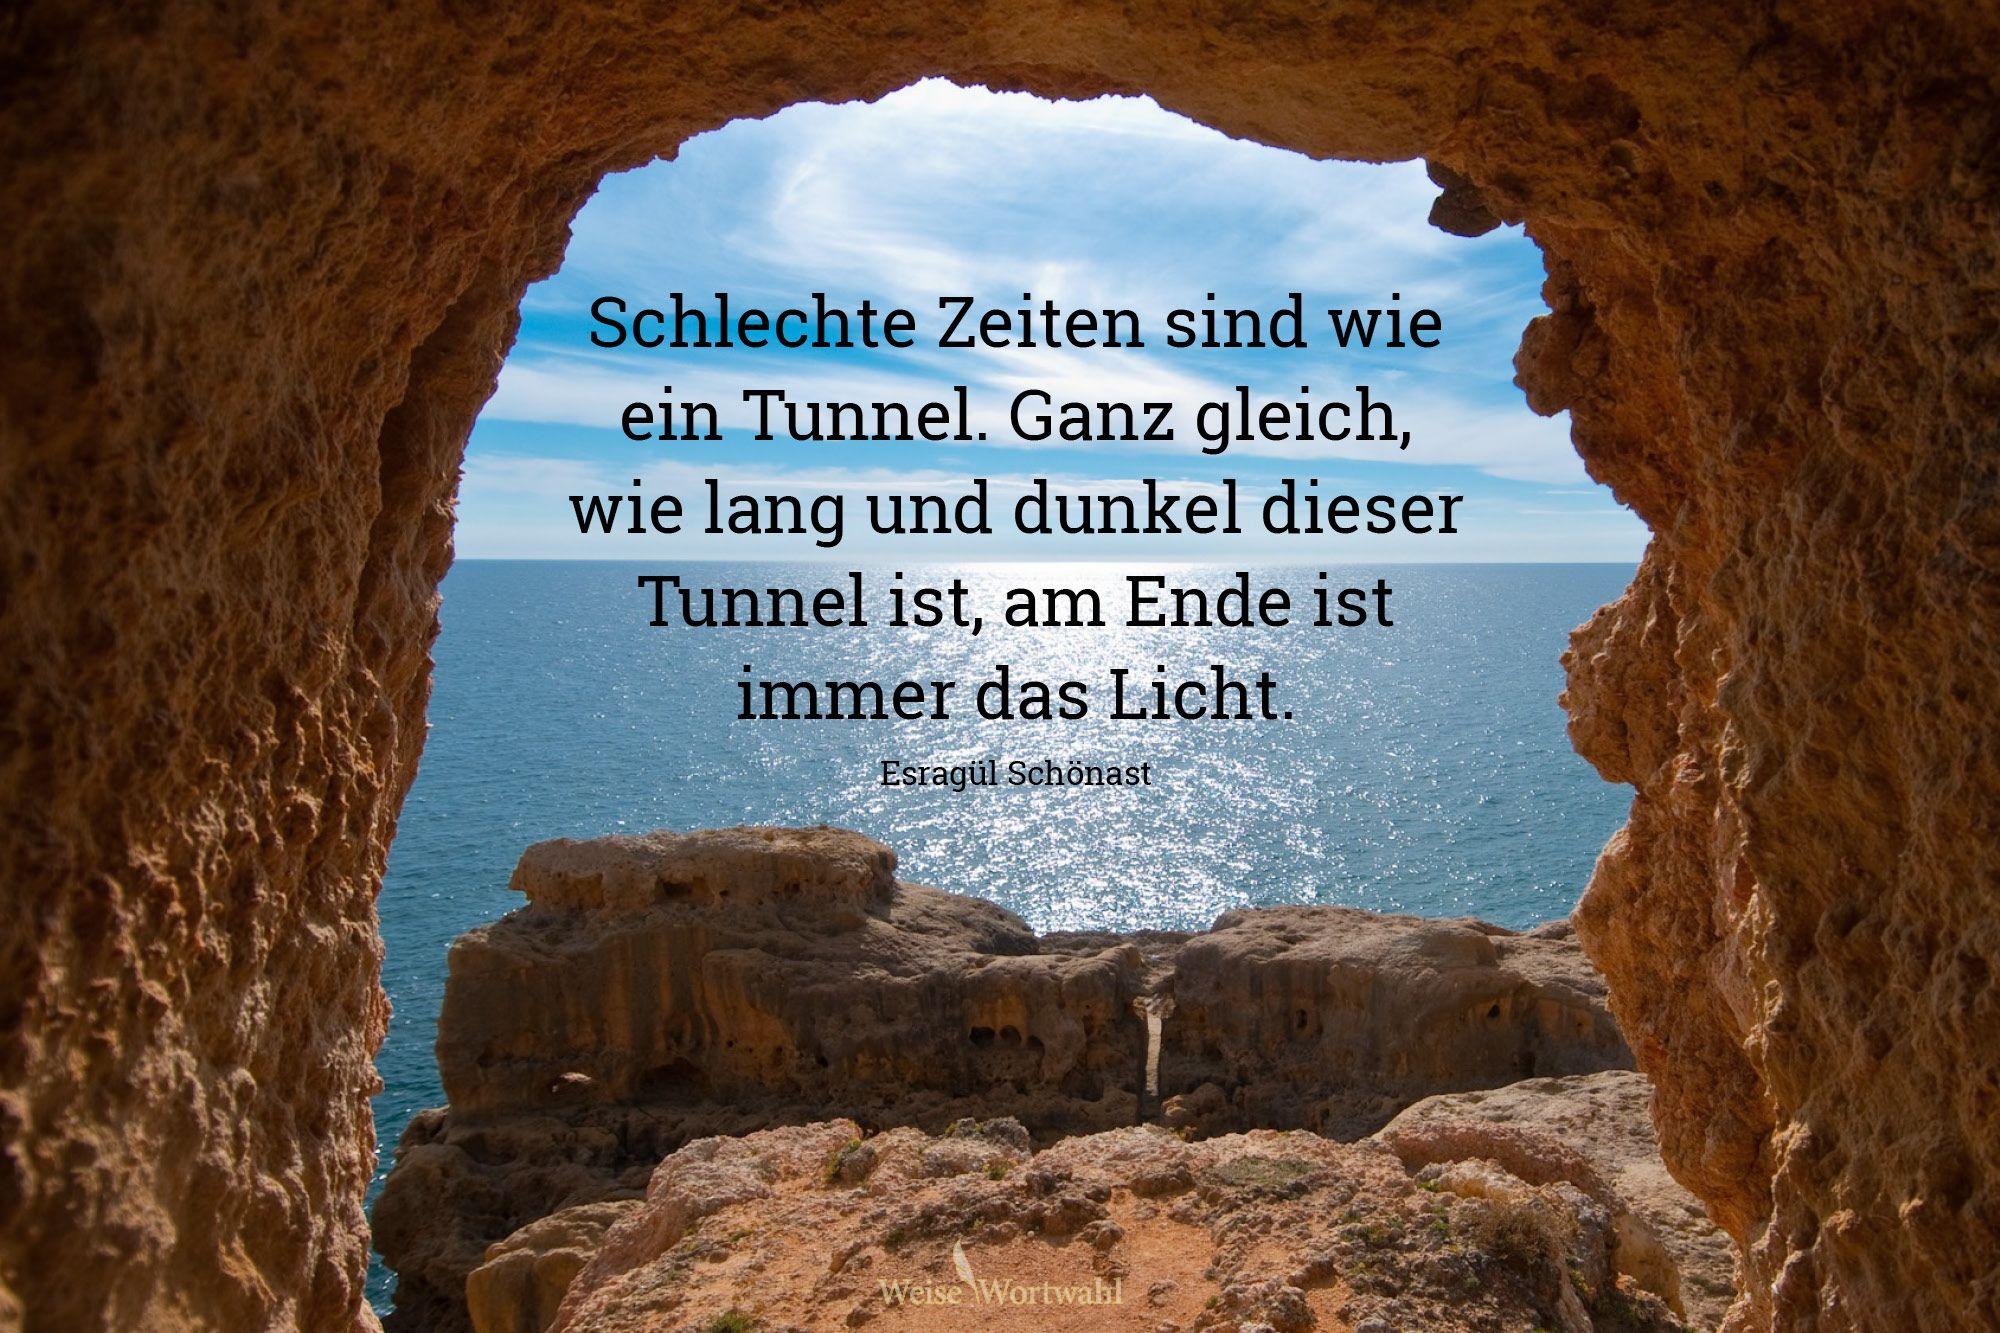 ...Schlechte Zeiten Sind Wie Ein Tunnel. Ganz Gleich, Wie